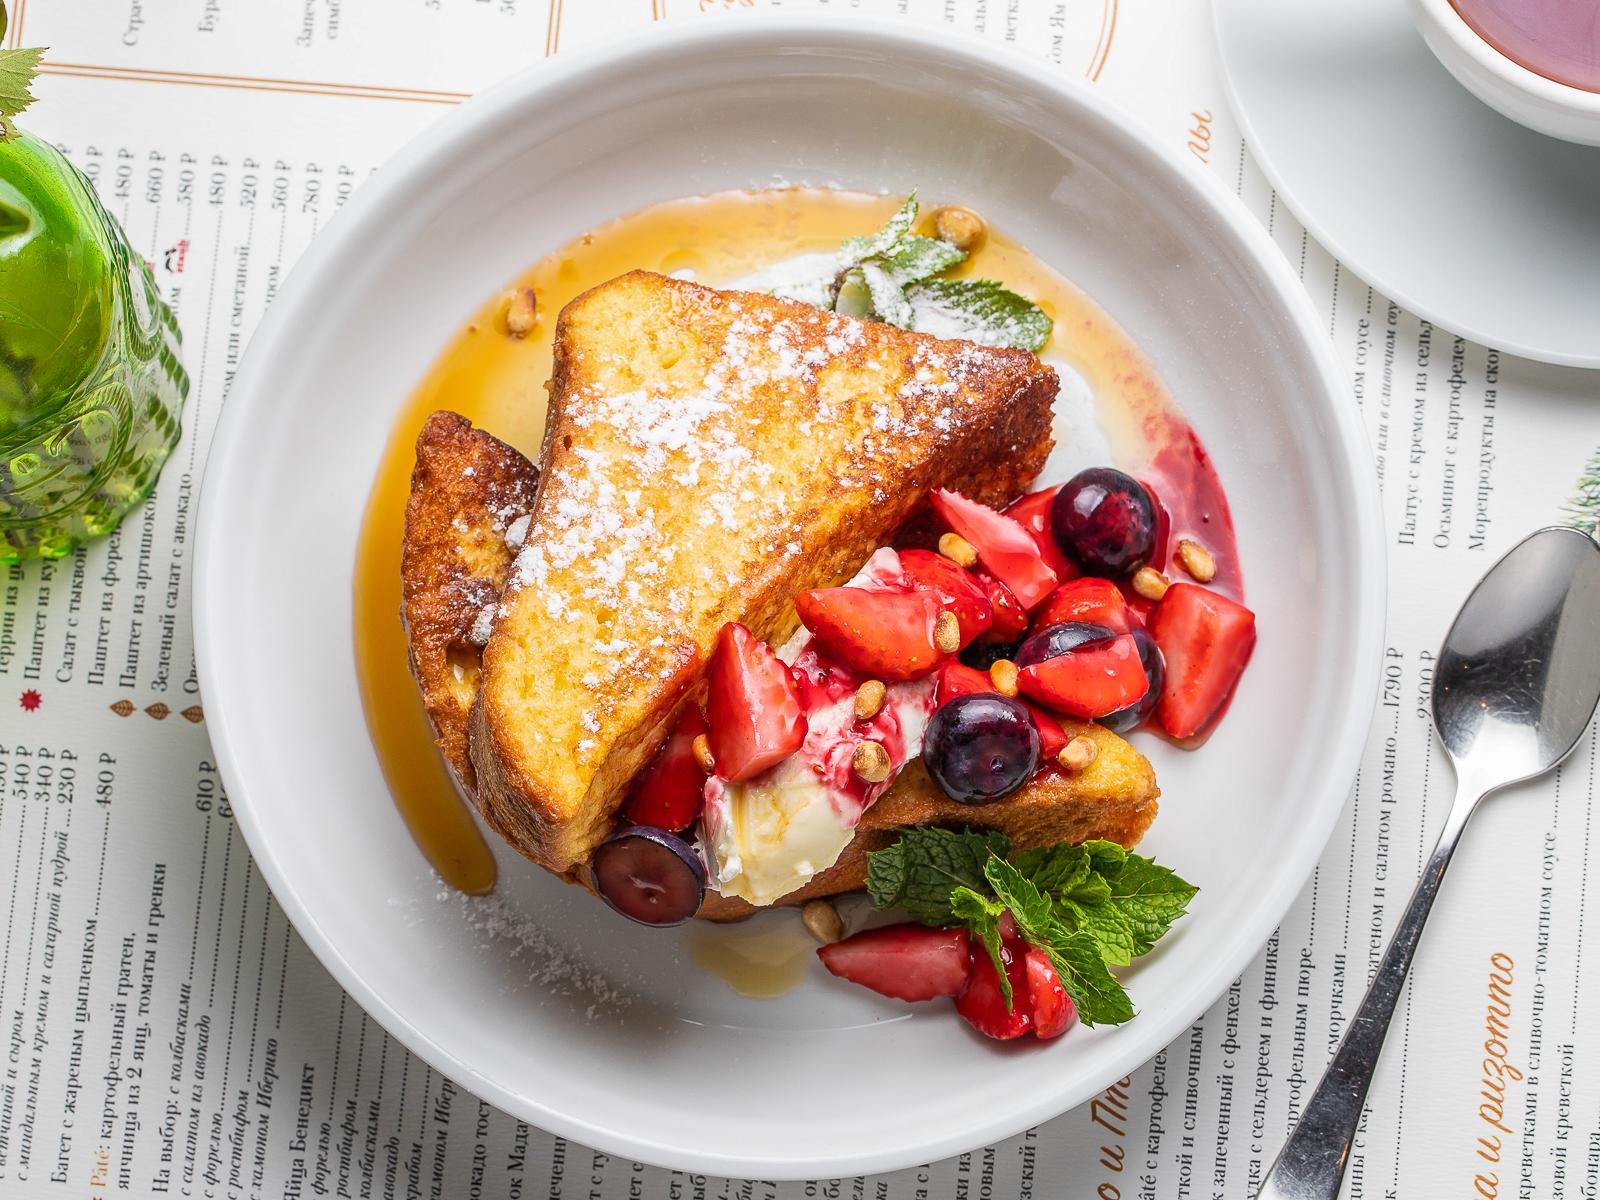 Французский тост с кленовым сиропом и ягодами